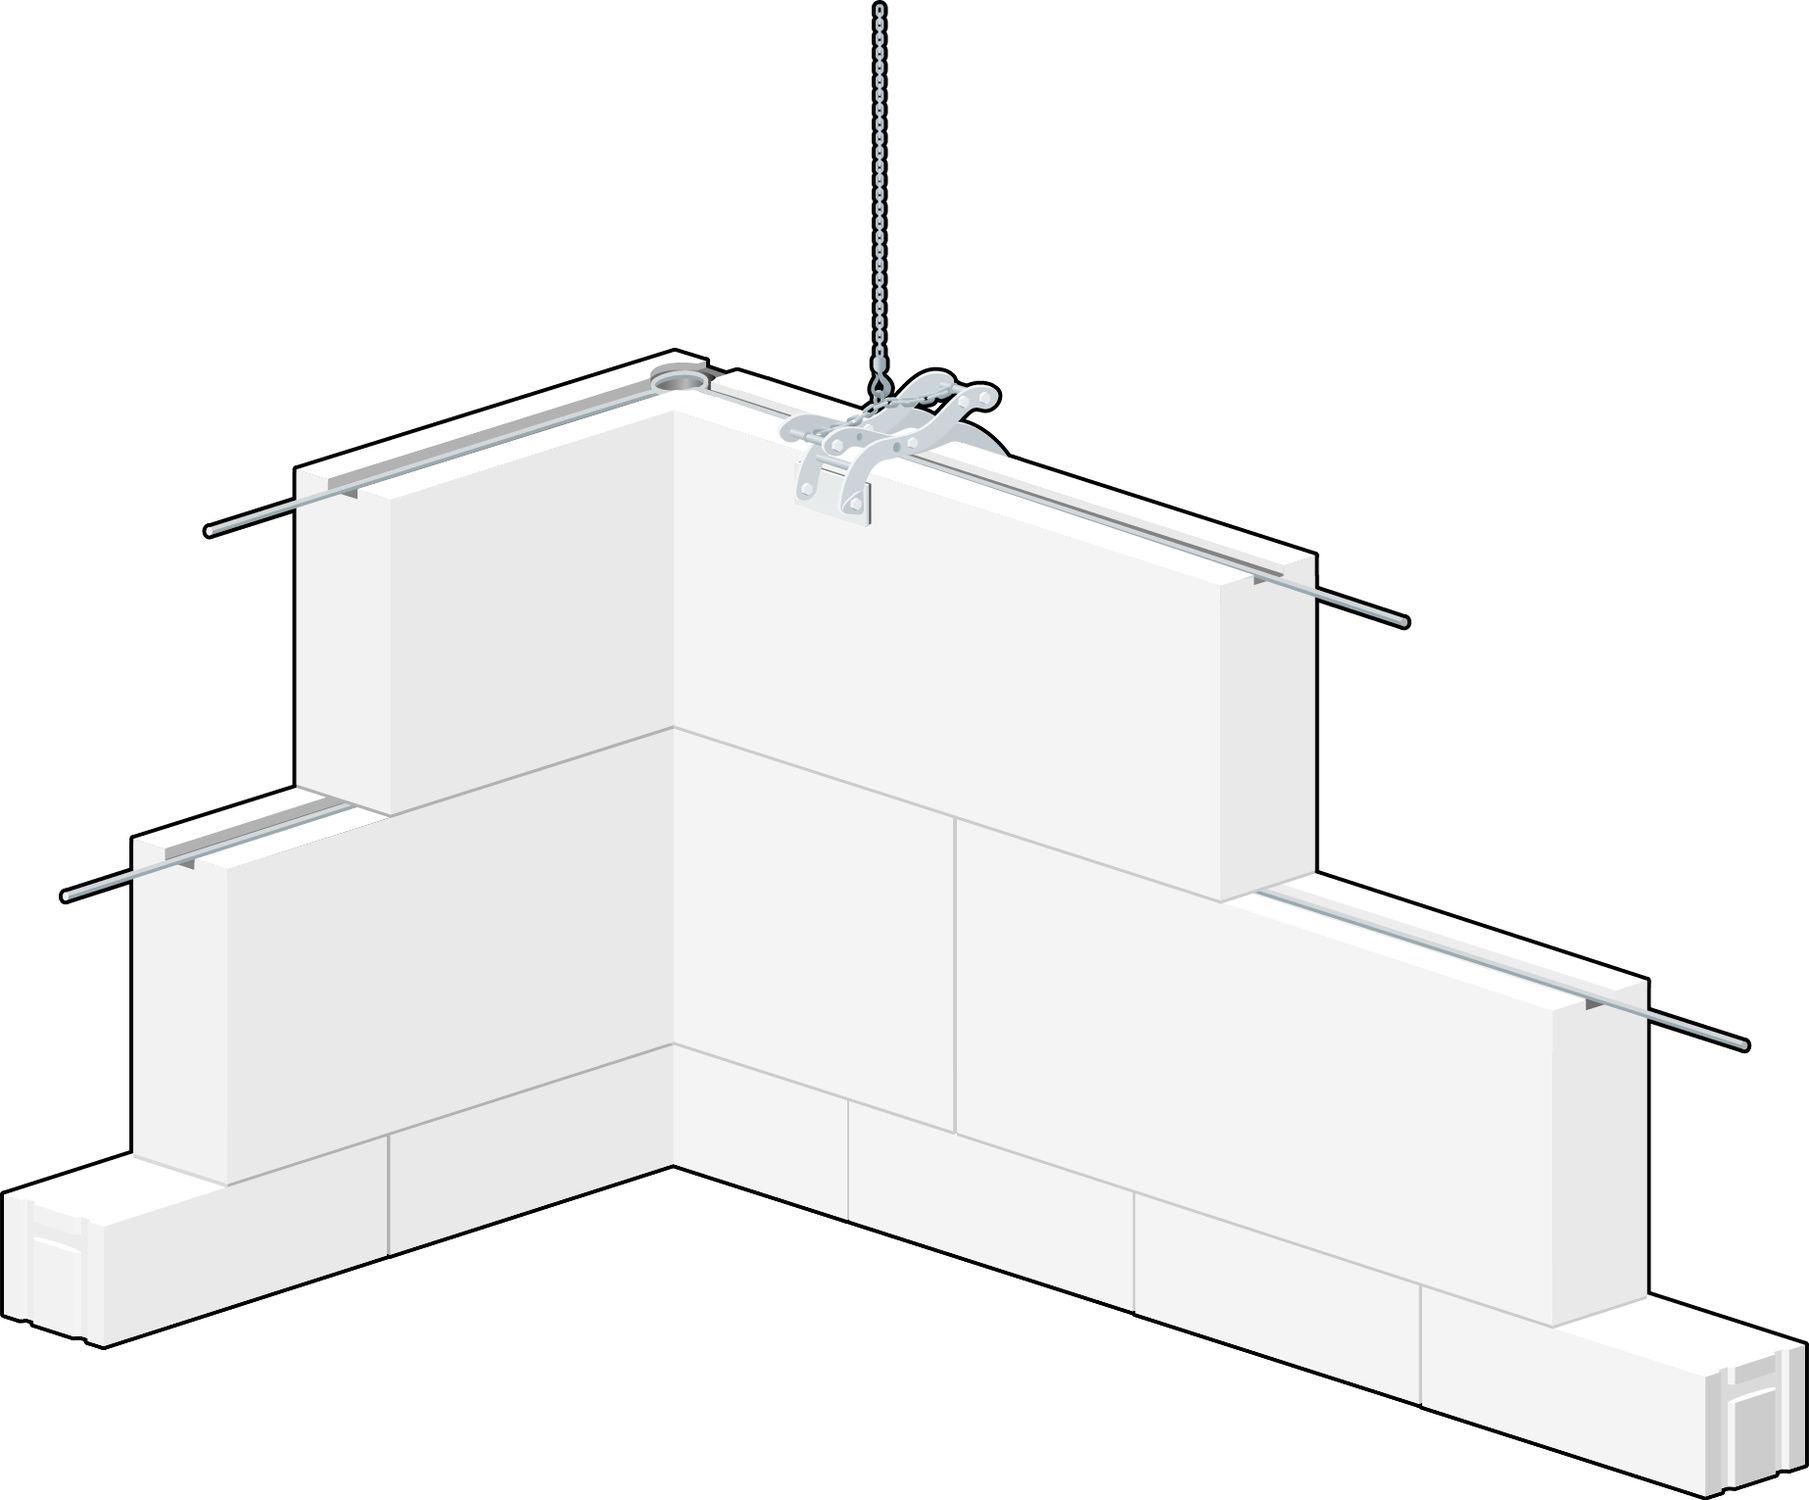 Charmant Bloc De Béton Cellulaire / Pour Mur Porteur - GIGA-SYS